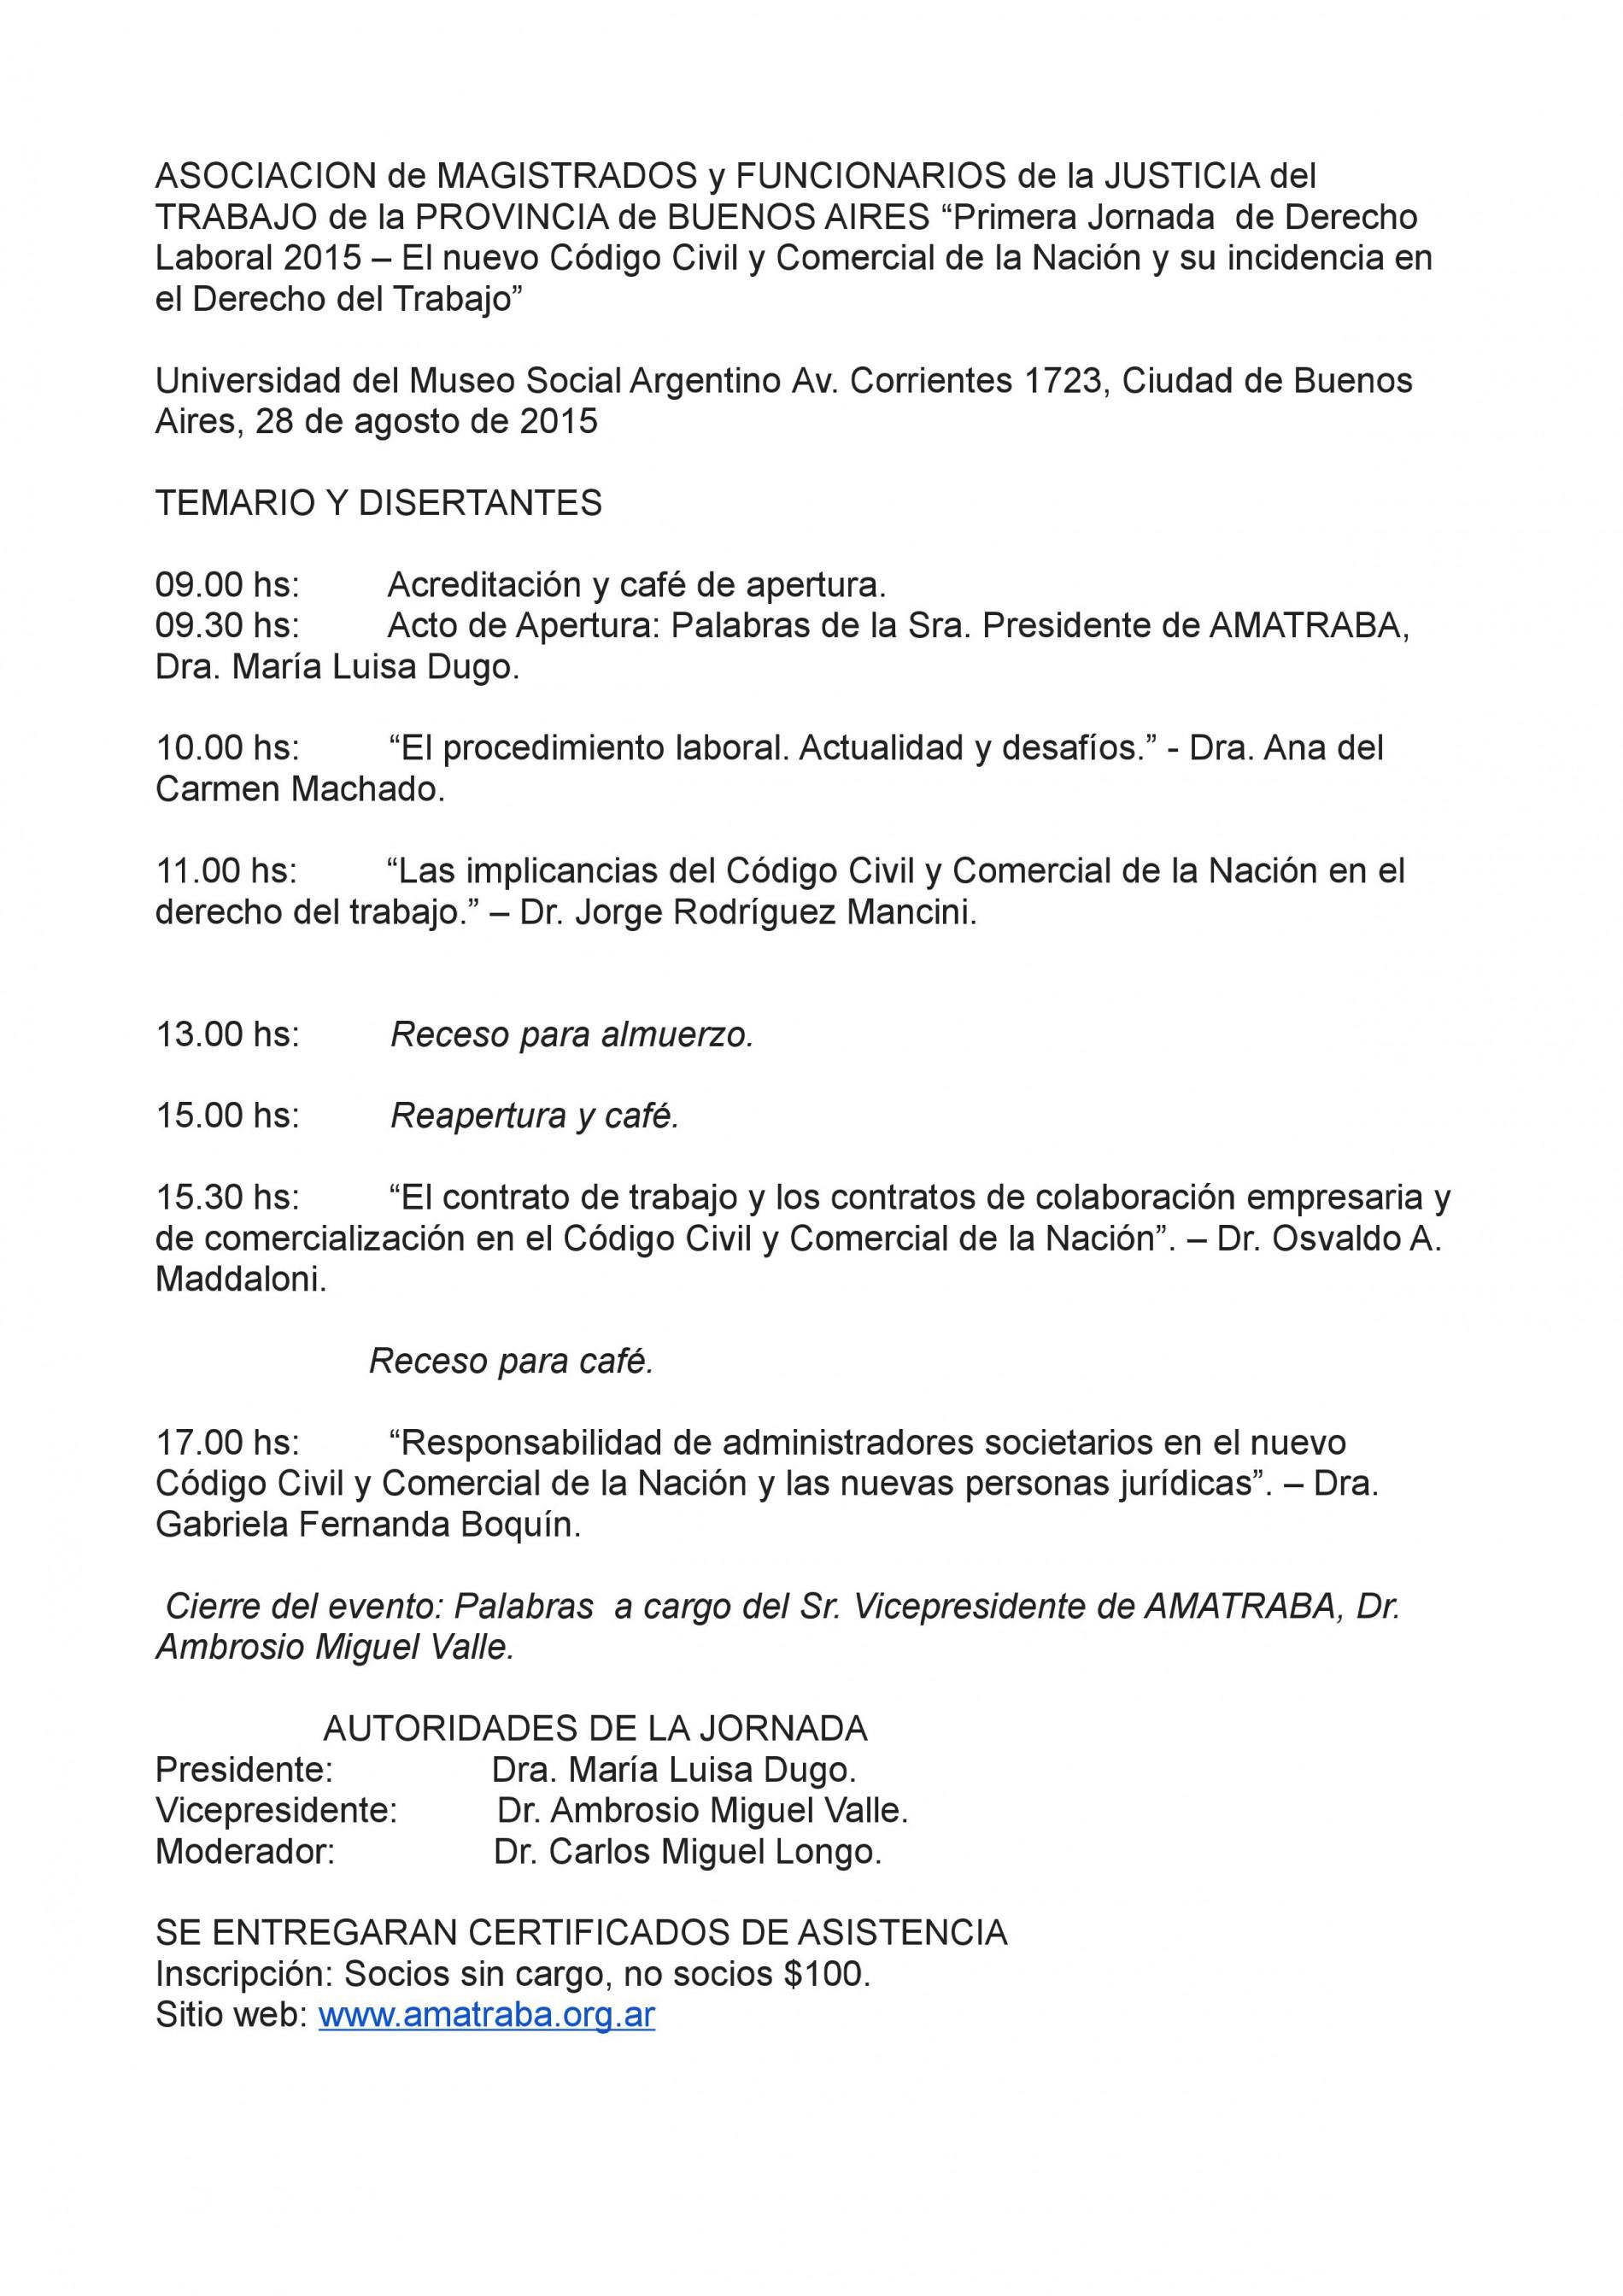 AMATRABA-Primera jornada de Derecho Laboral 2015